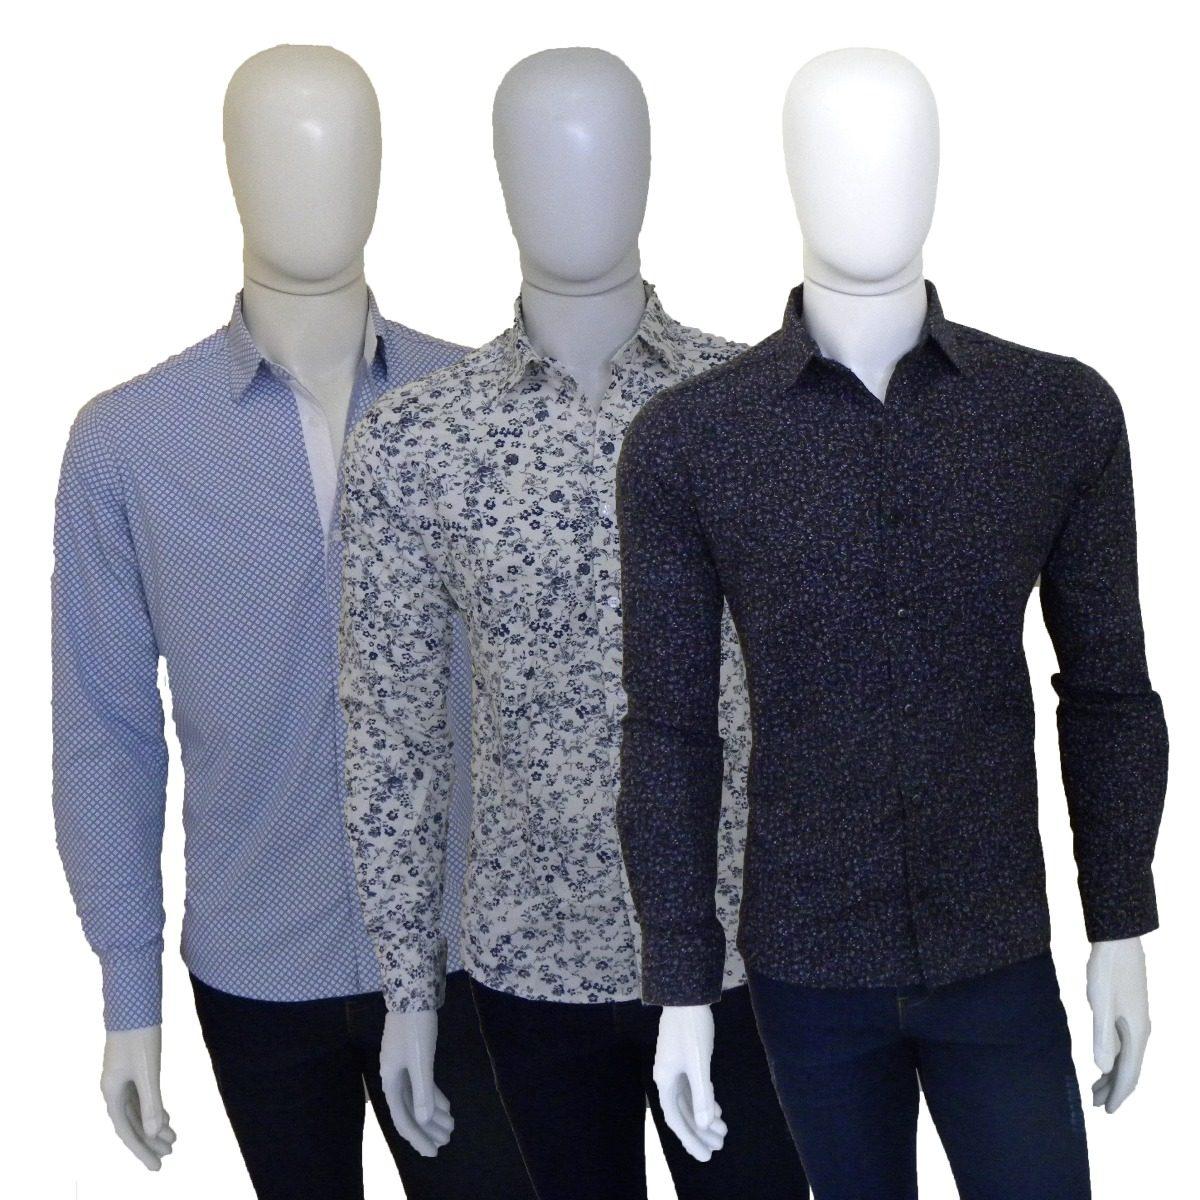 4d637faa53 ... camisas sociais masculinas estampadas slim fit. Carregando zoom.